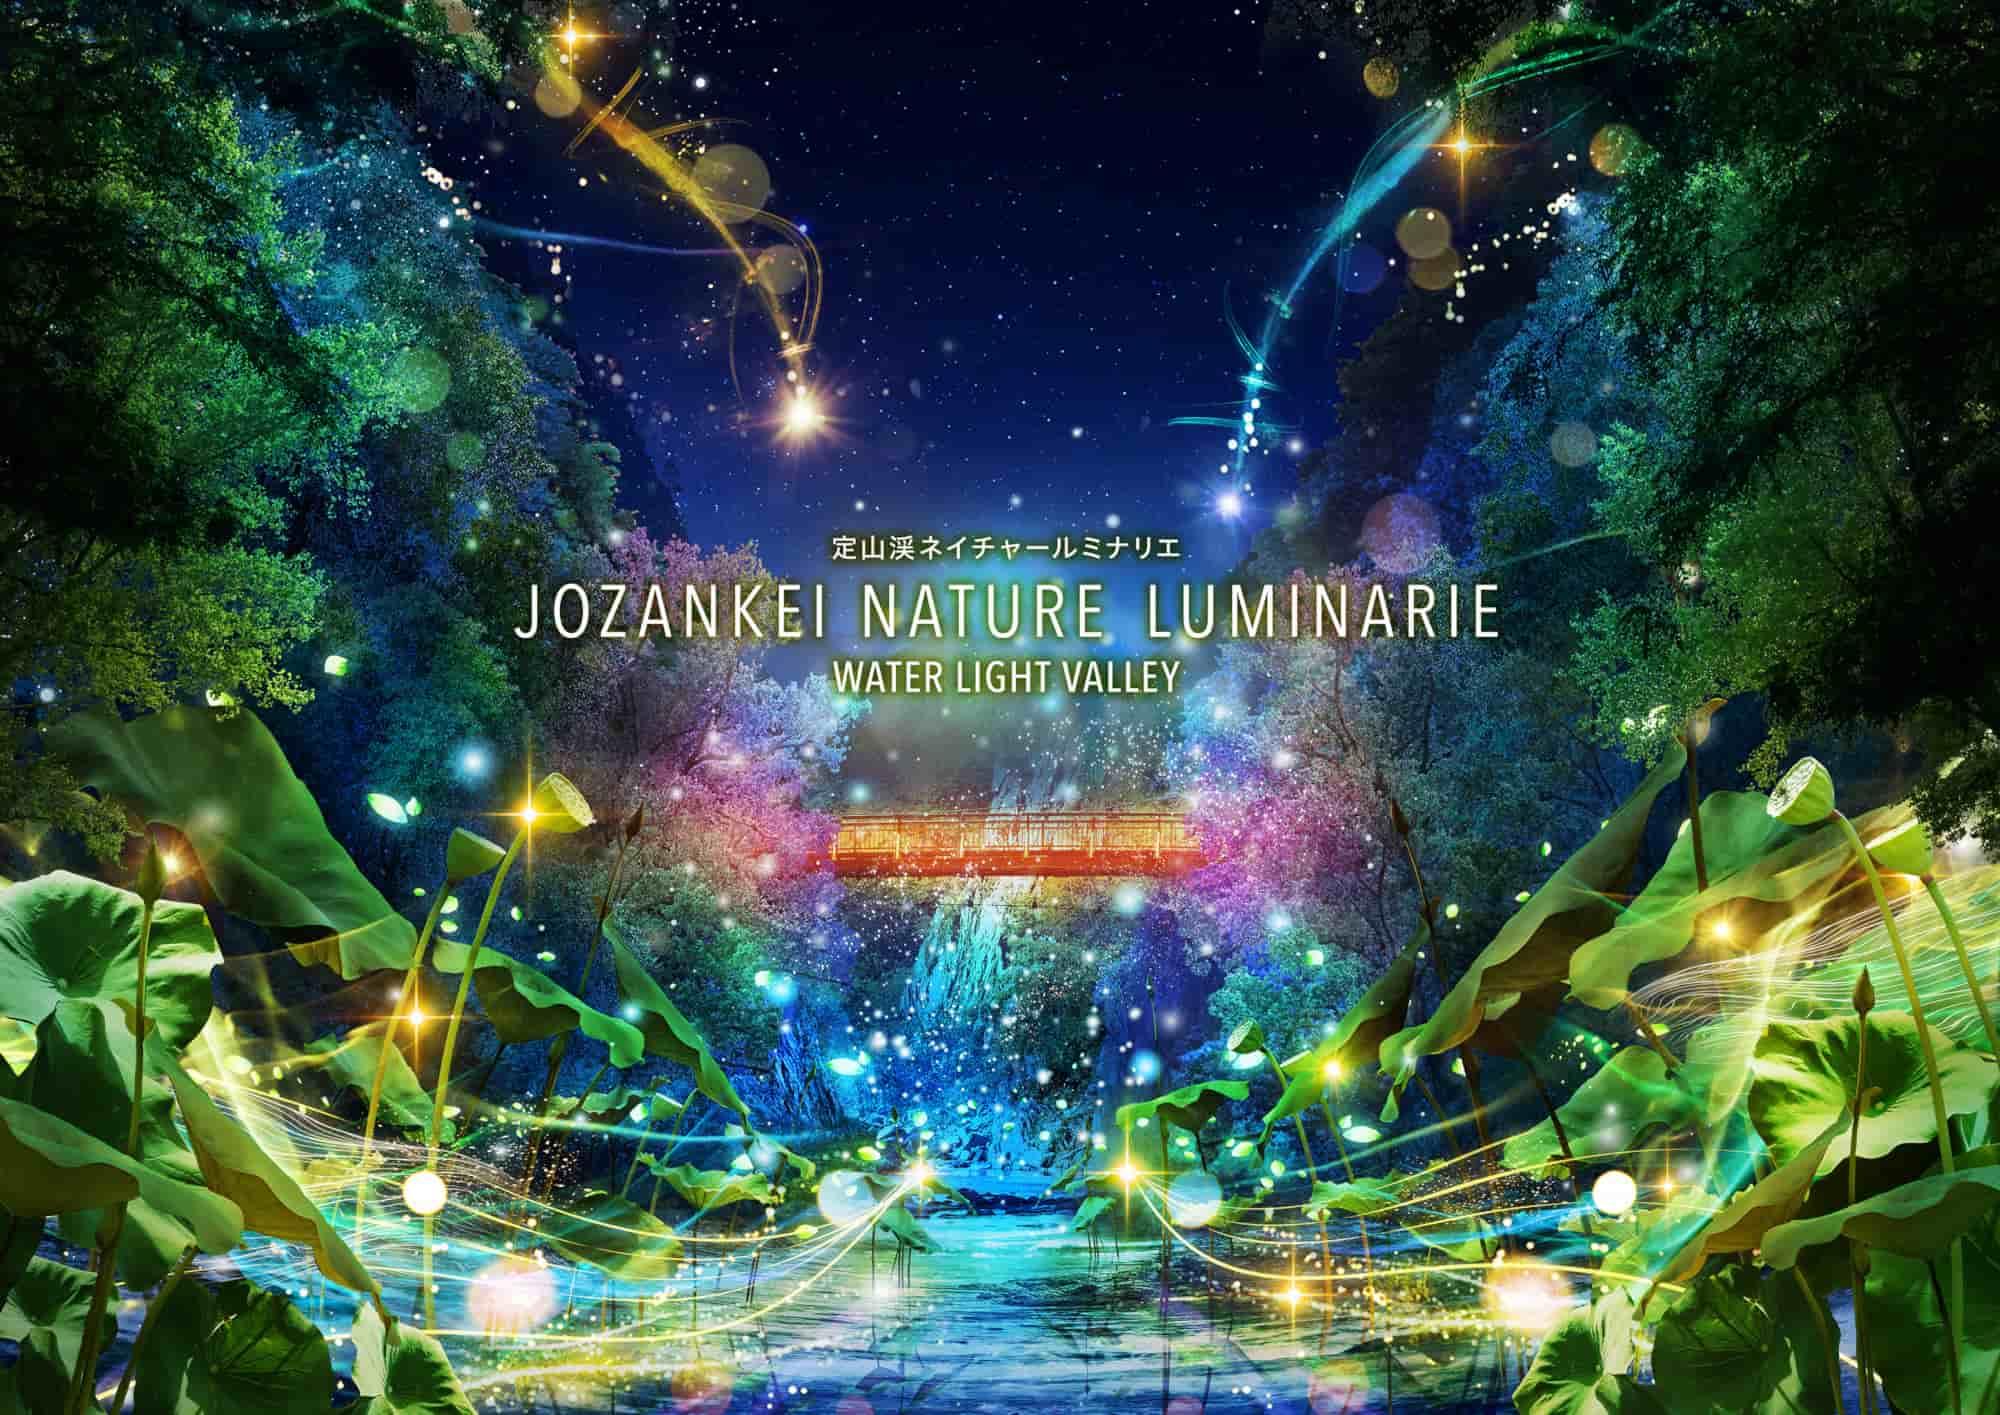 JOZANKEI NATURE LUMINARIE-WATER LIGHT VALLEY-